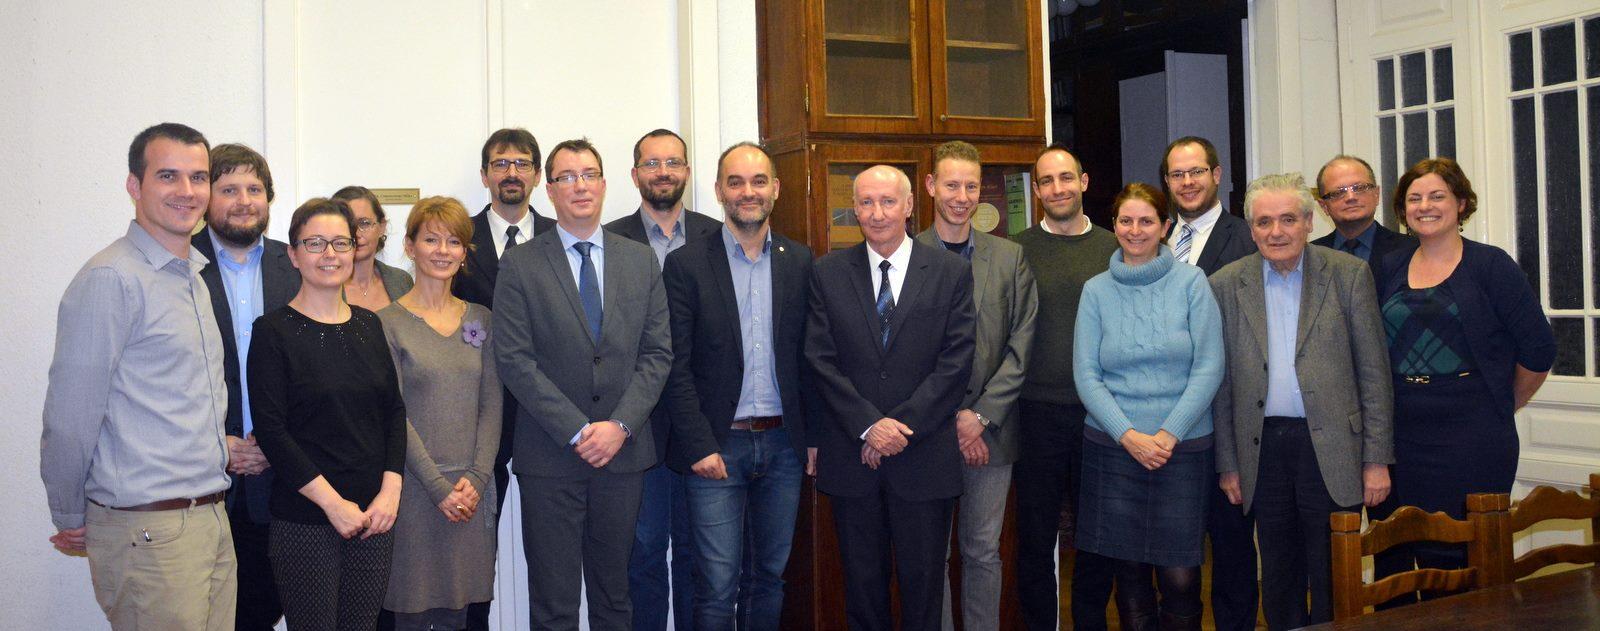 Karunk oktatói a Magyar Alkotmányjogászok Egyesületének élén